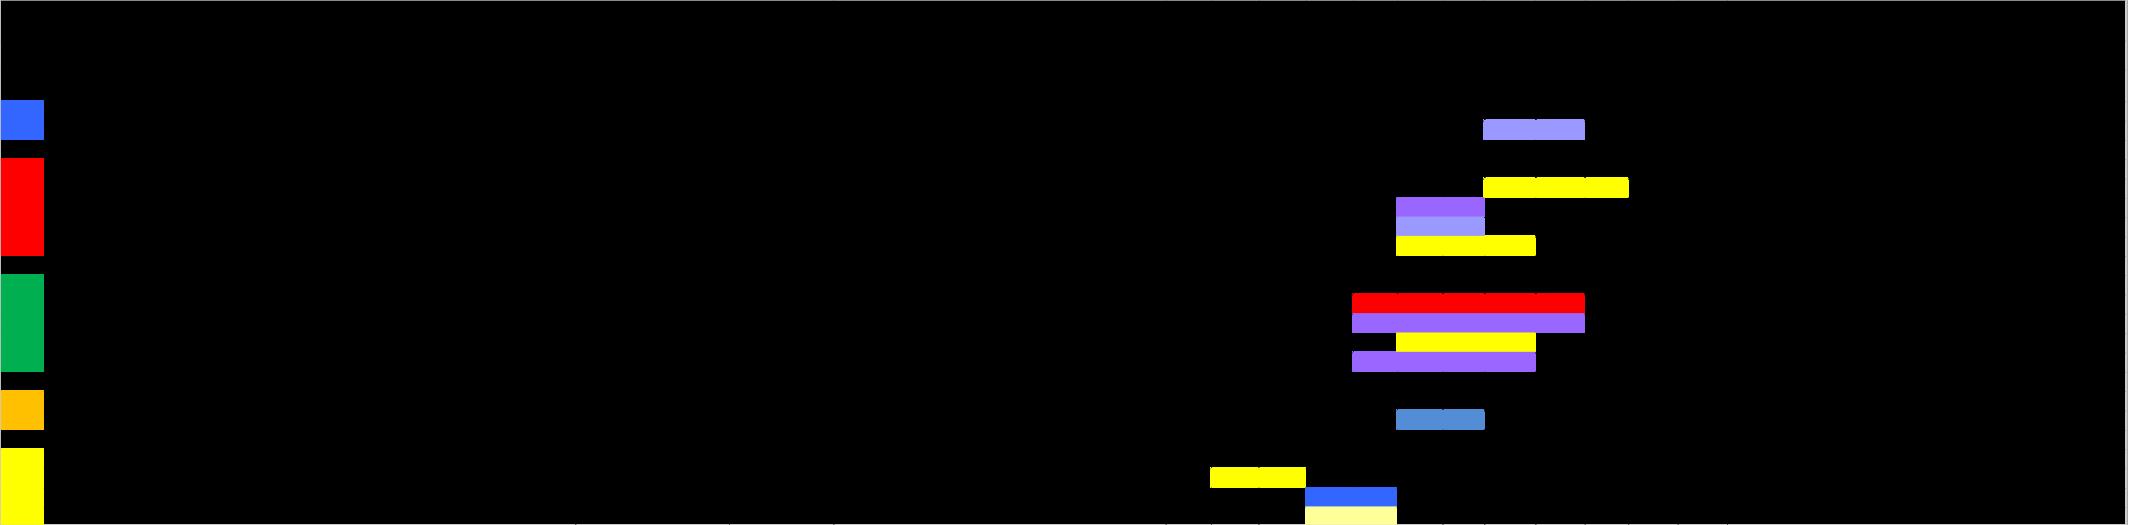 fehrle stauden staudenkompositionen pflanzkalender insektenmodul veitshoechheimer bluetenmosaik